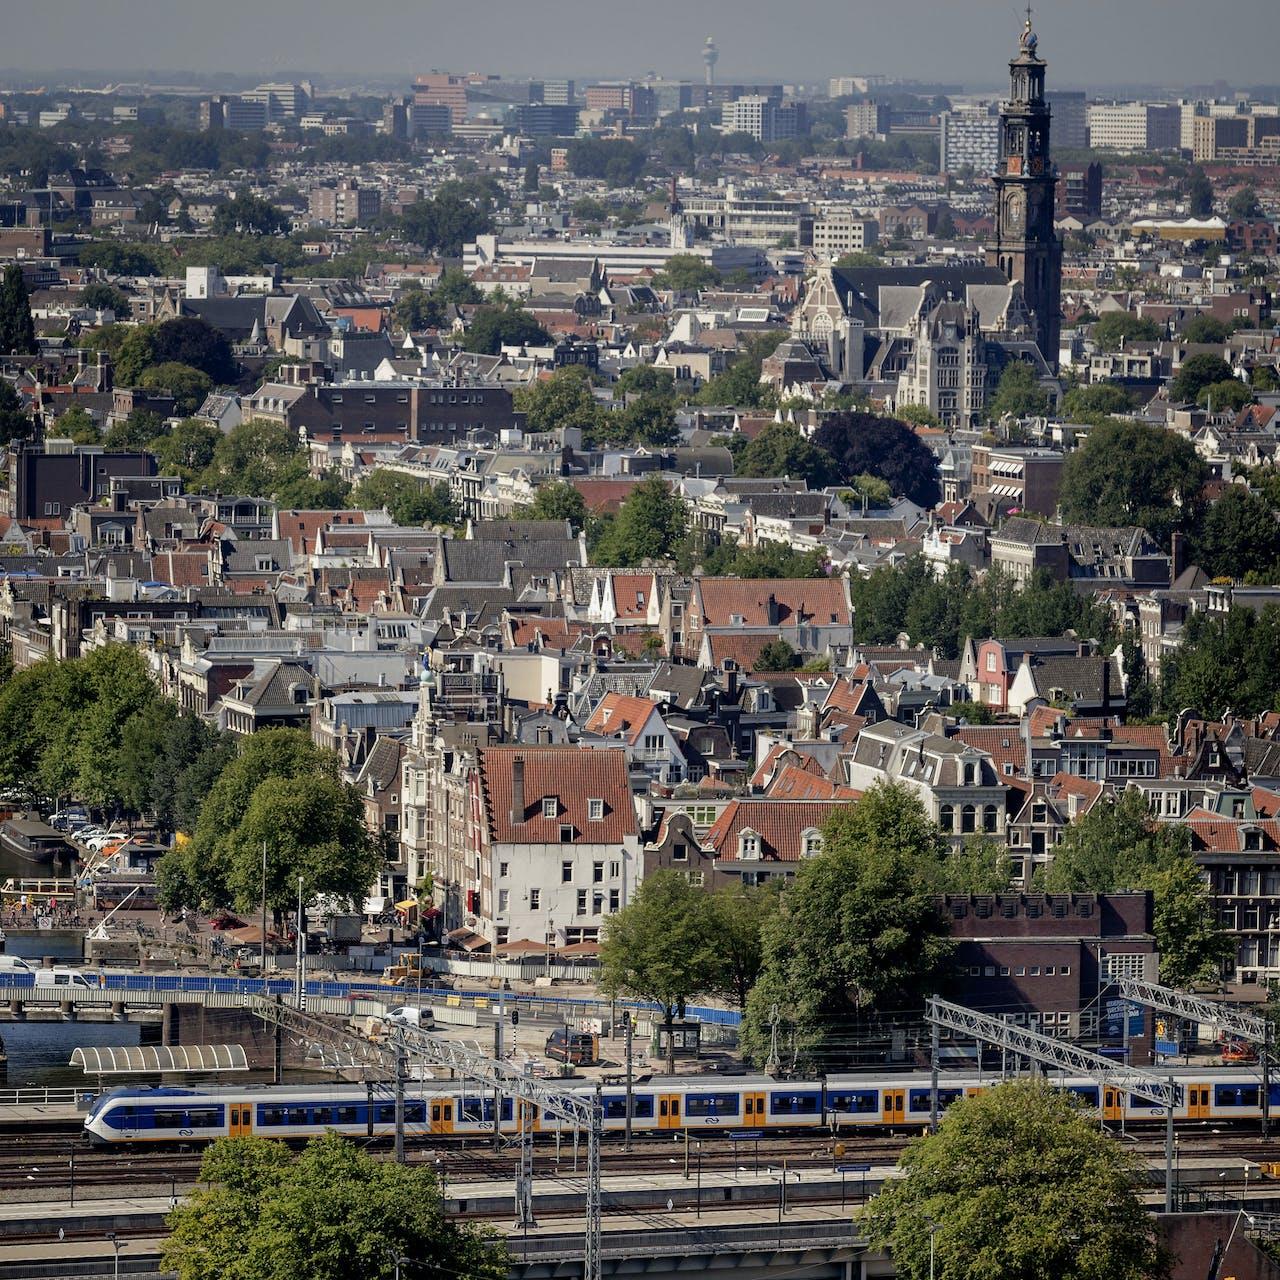 Overzicht van het centrum van de stad Amsterdam